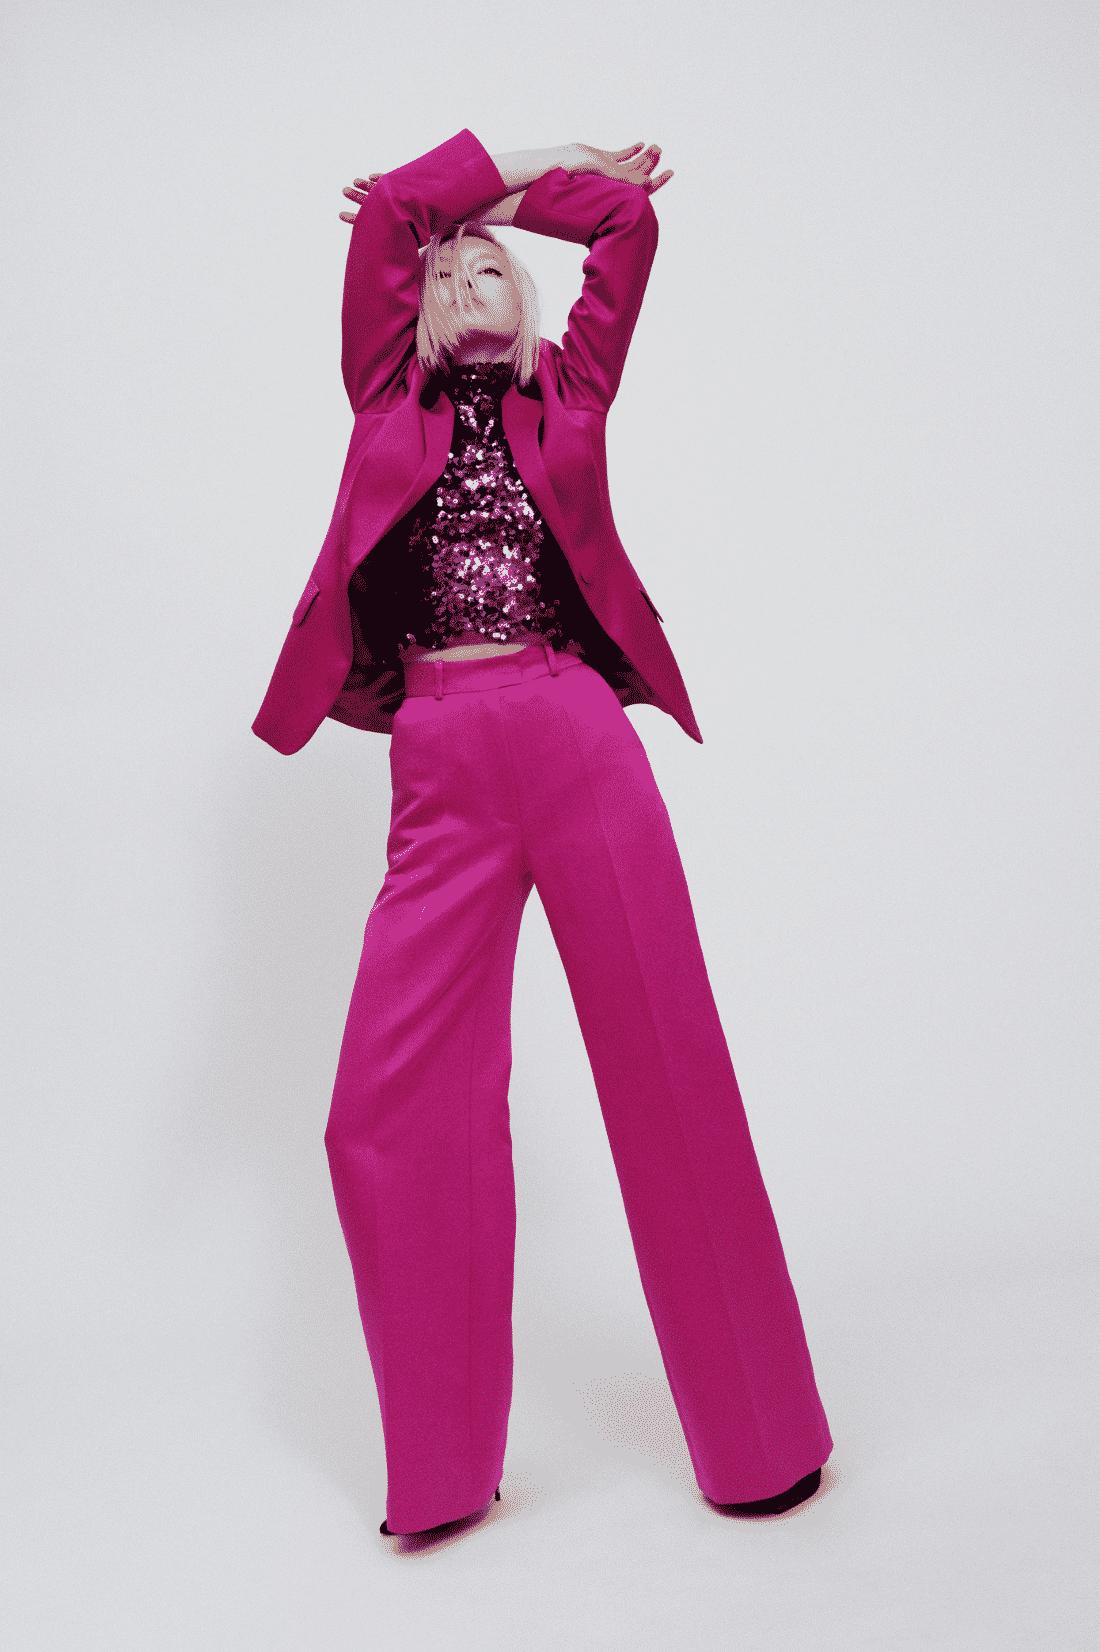 Model wearing magenta satin suit with sequin top